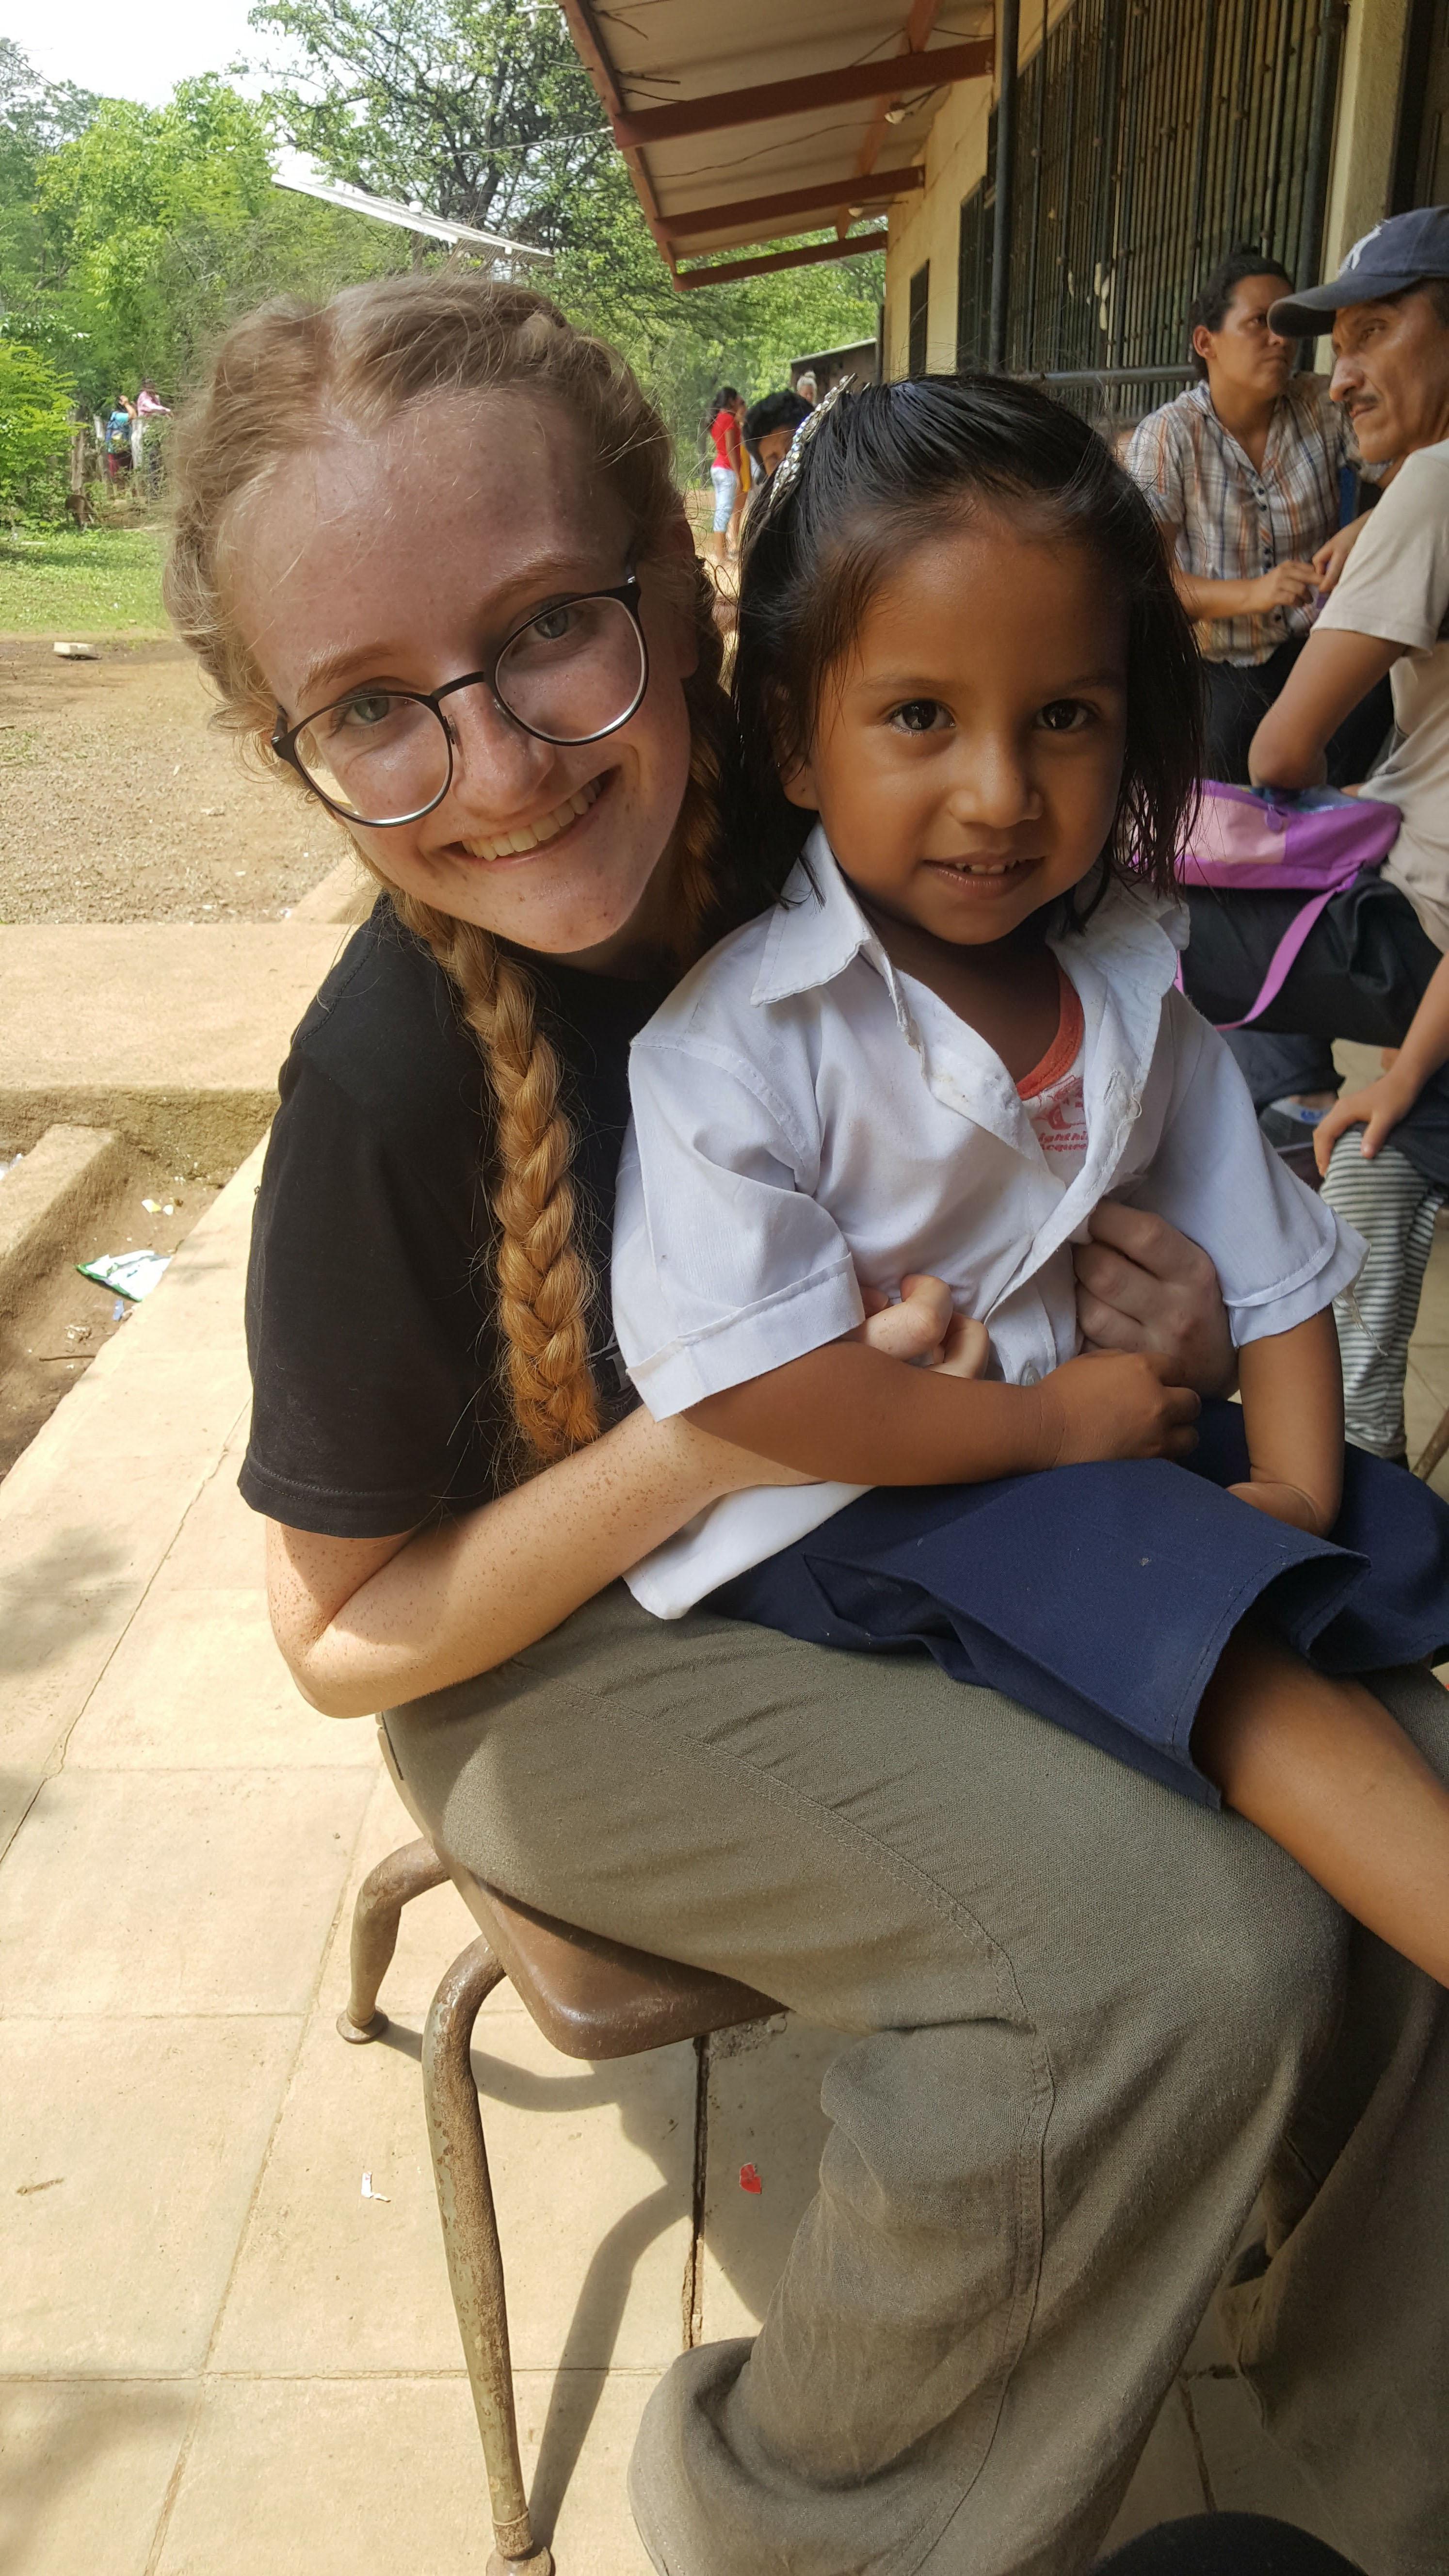 Austėja savanorystės misijoje Nikaragvoje 2017 m.